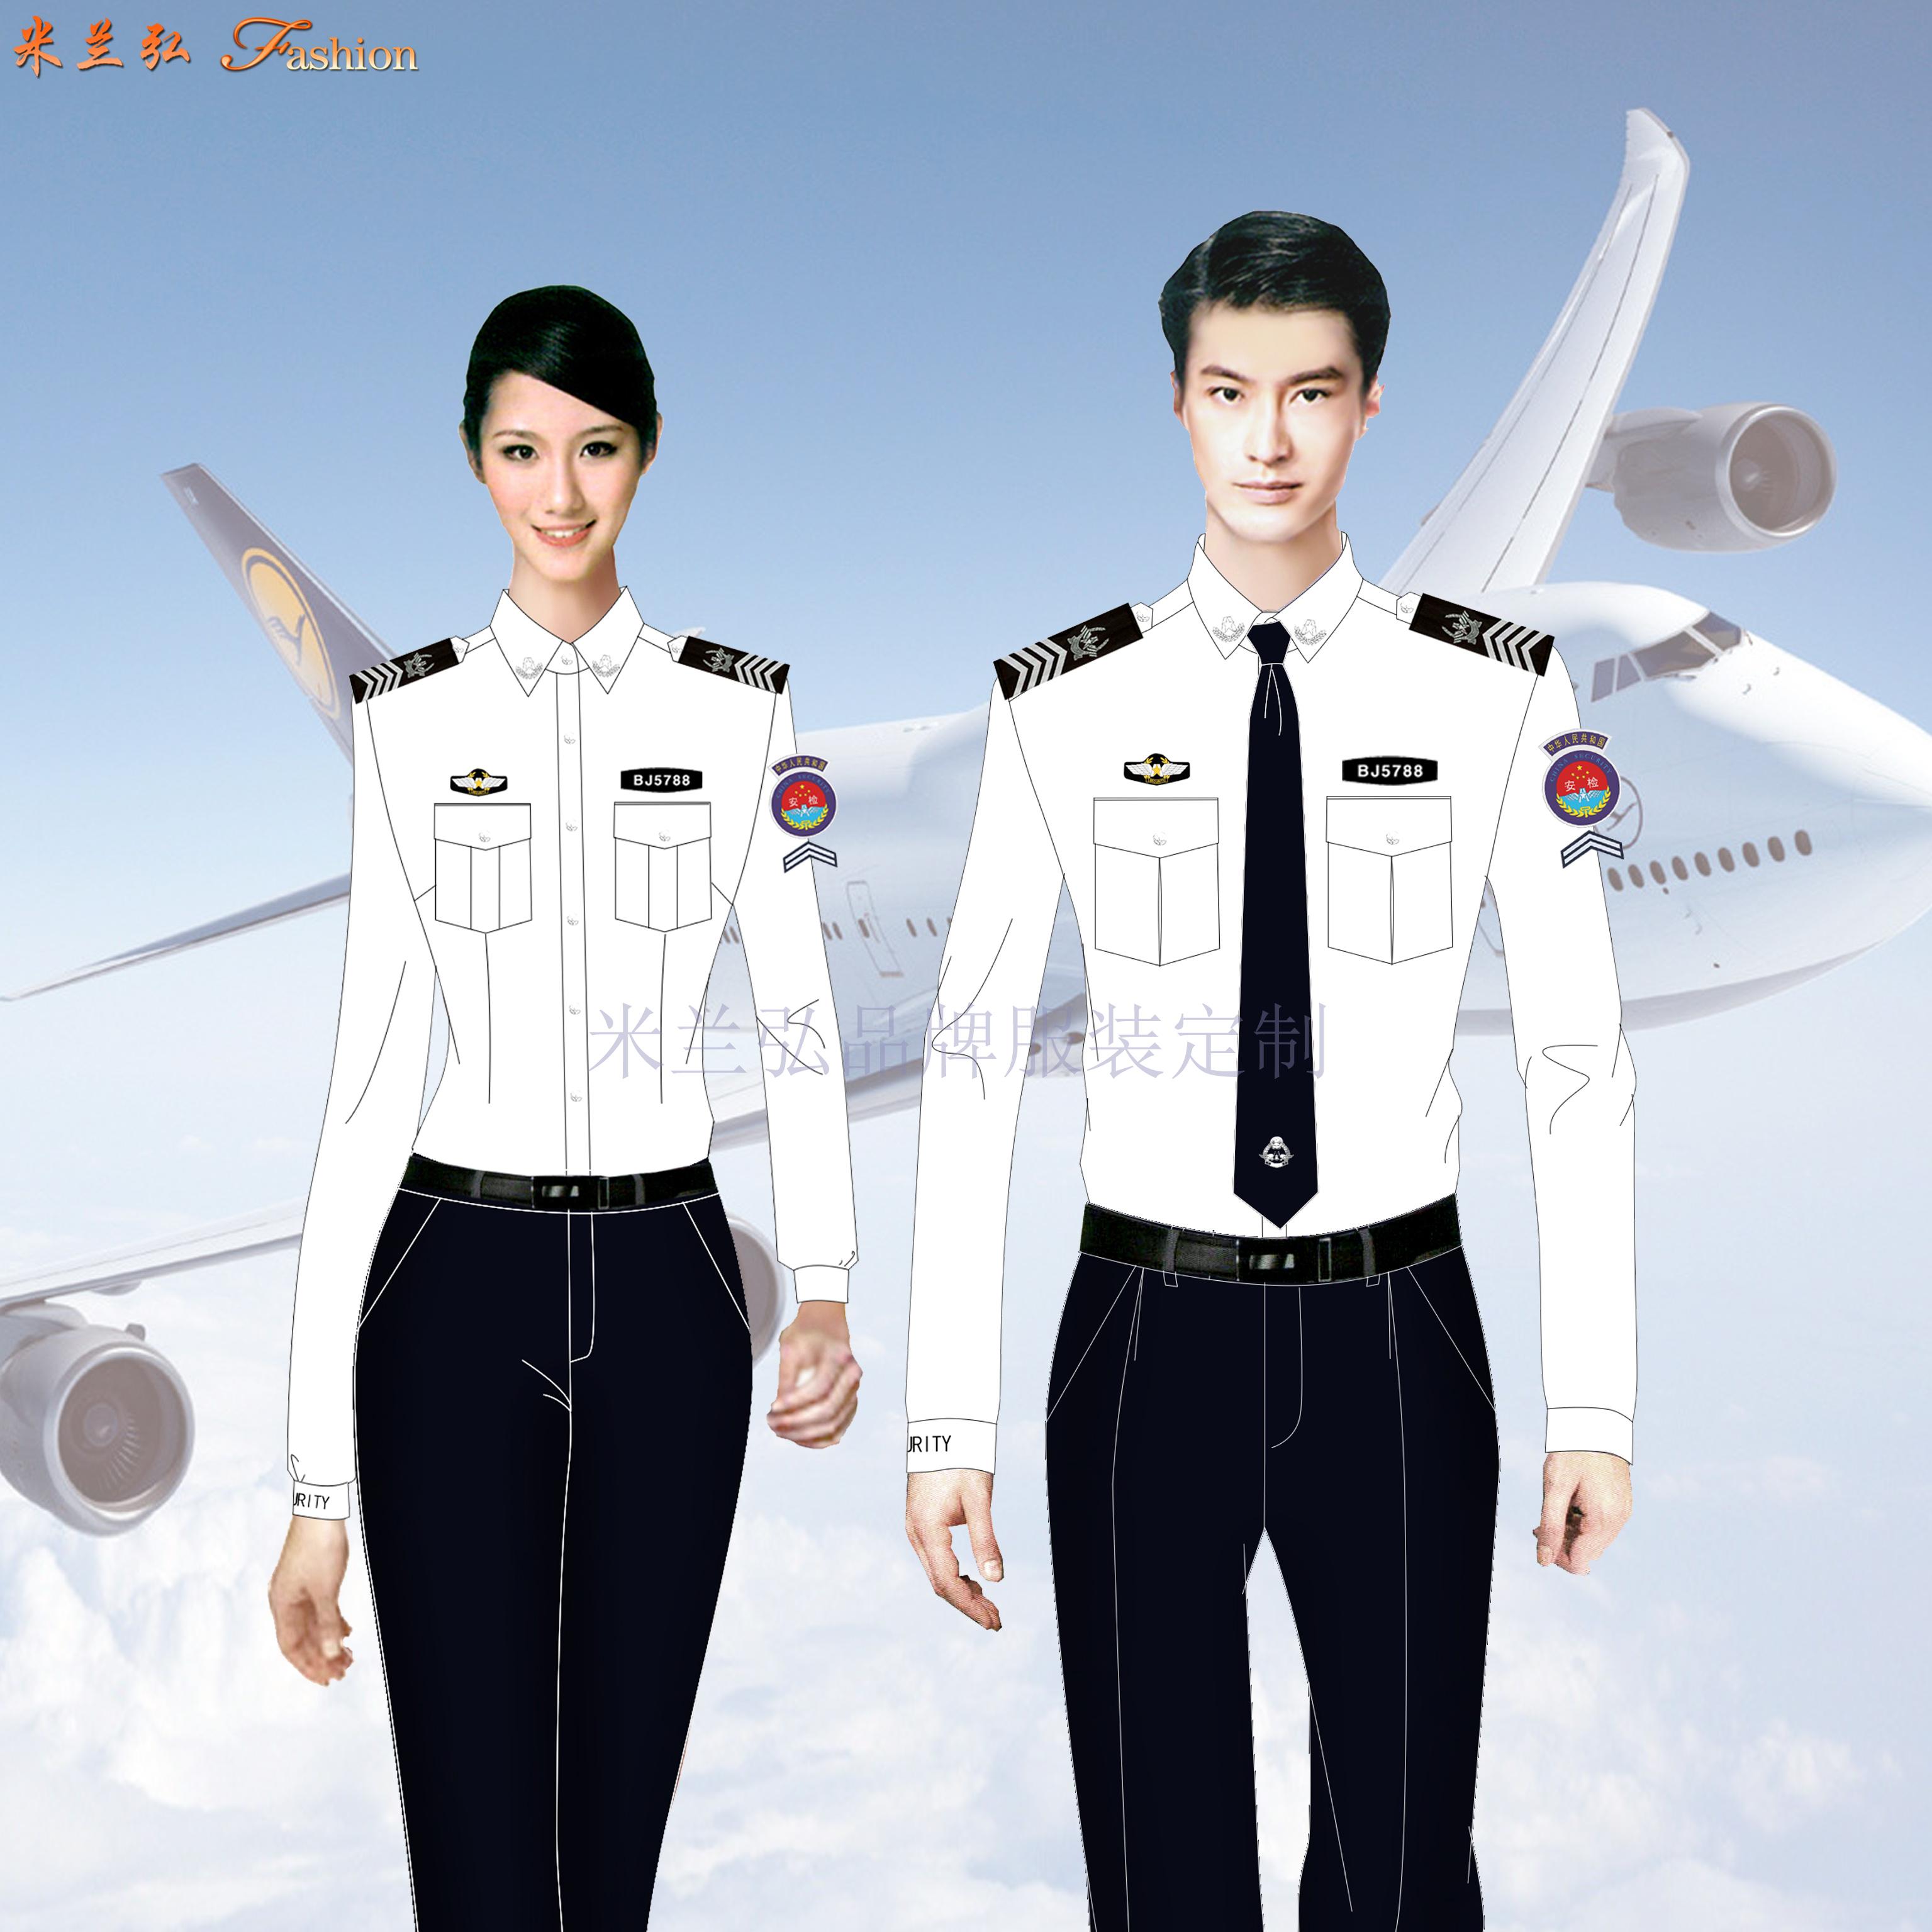 廣州白云國際機場民航安全檢查員工作服定制-米蘭弘服裝廠家-4